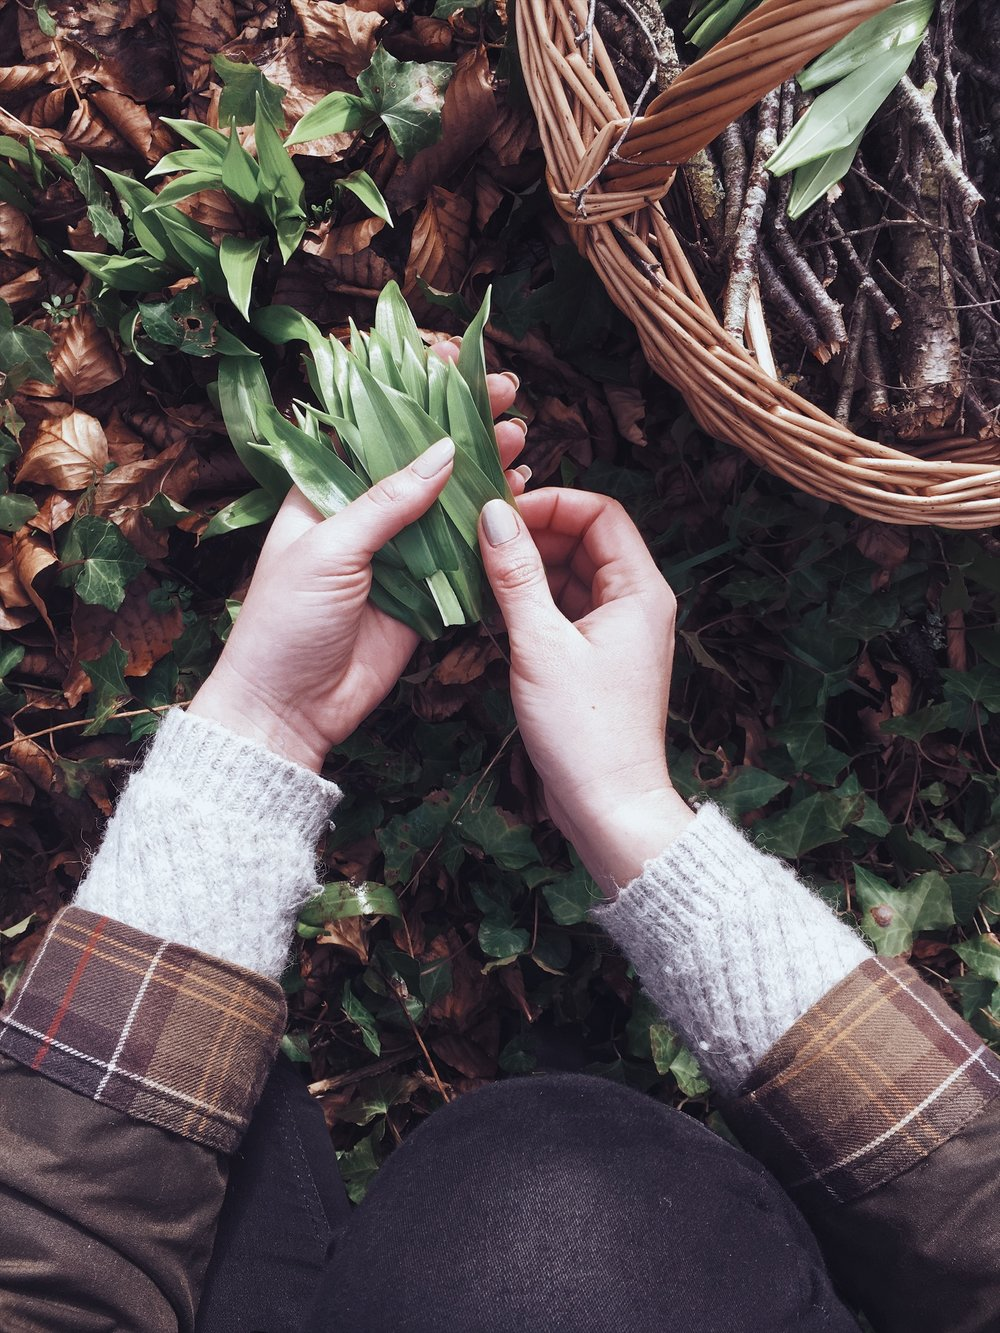 picking-wild-garlic